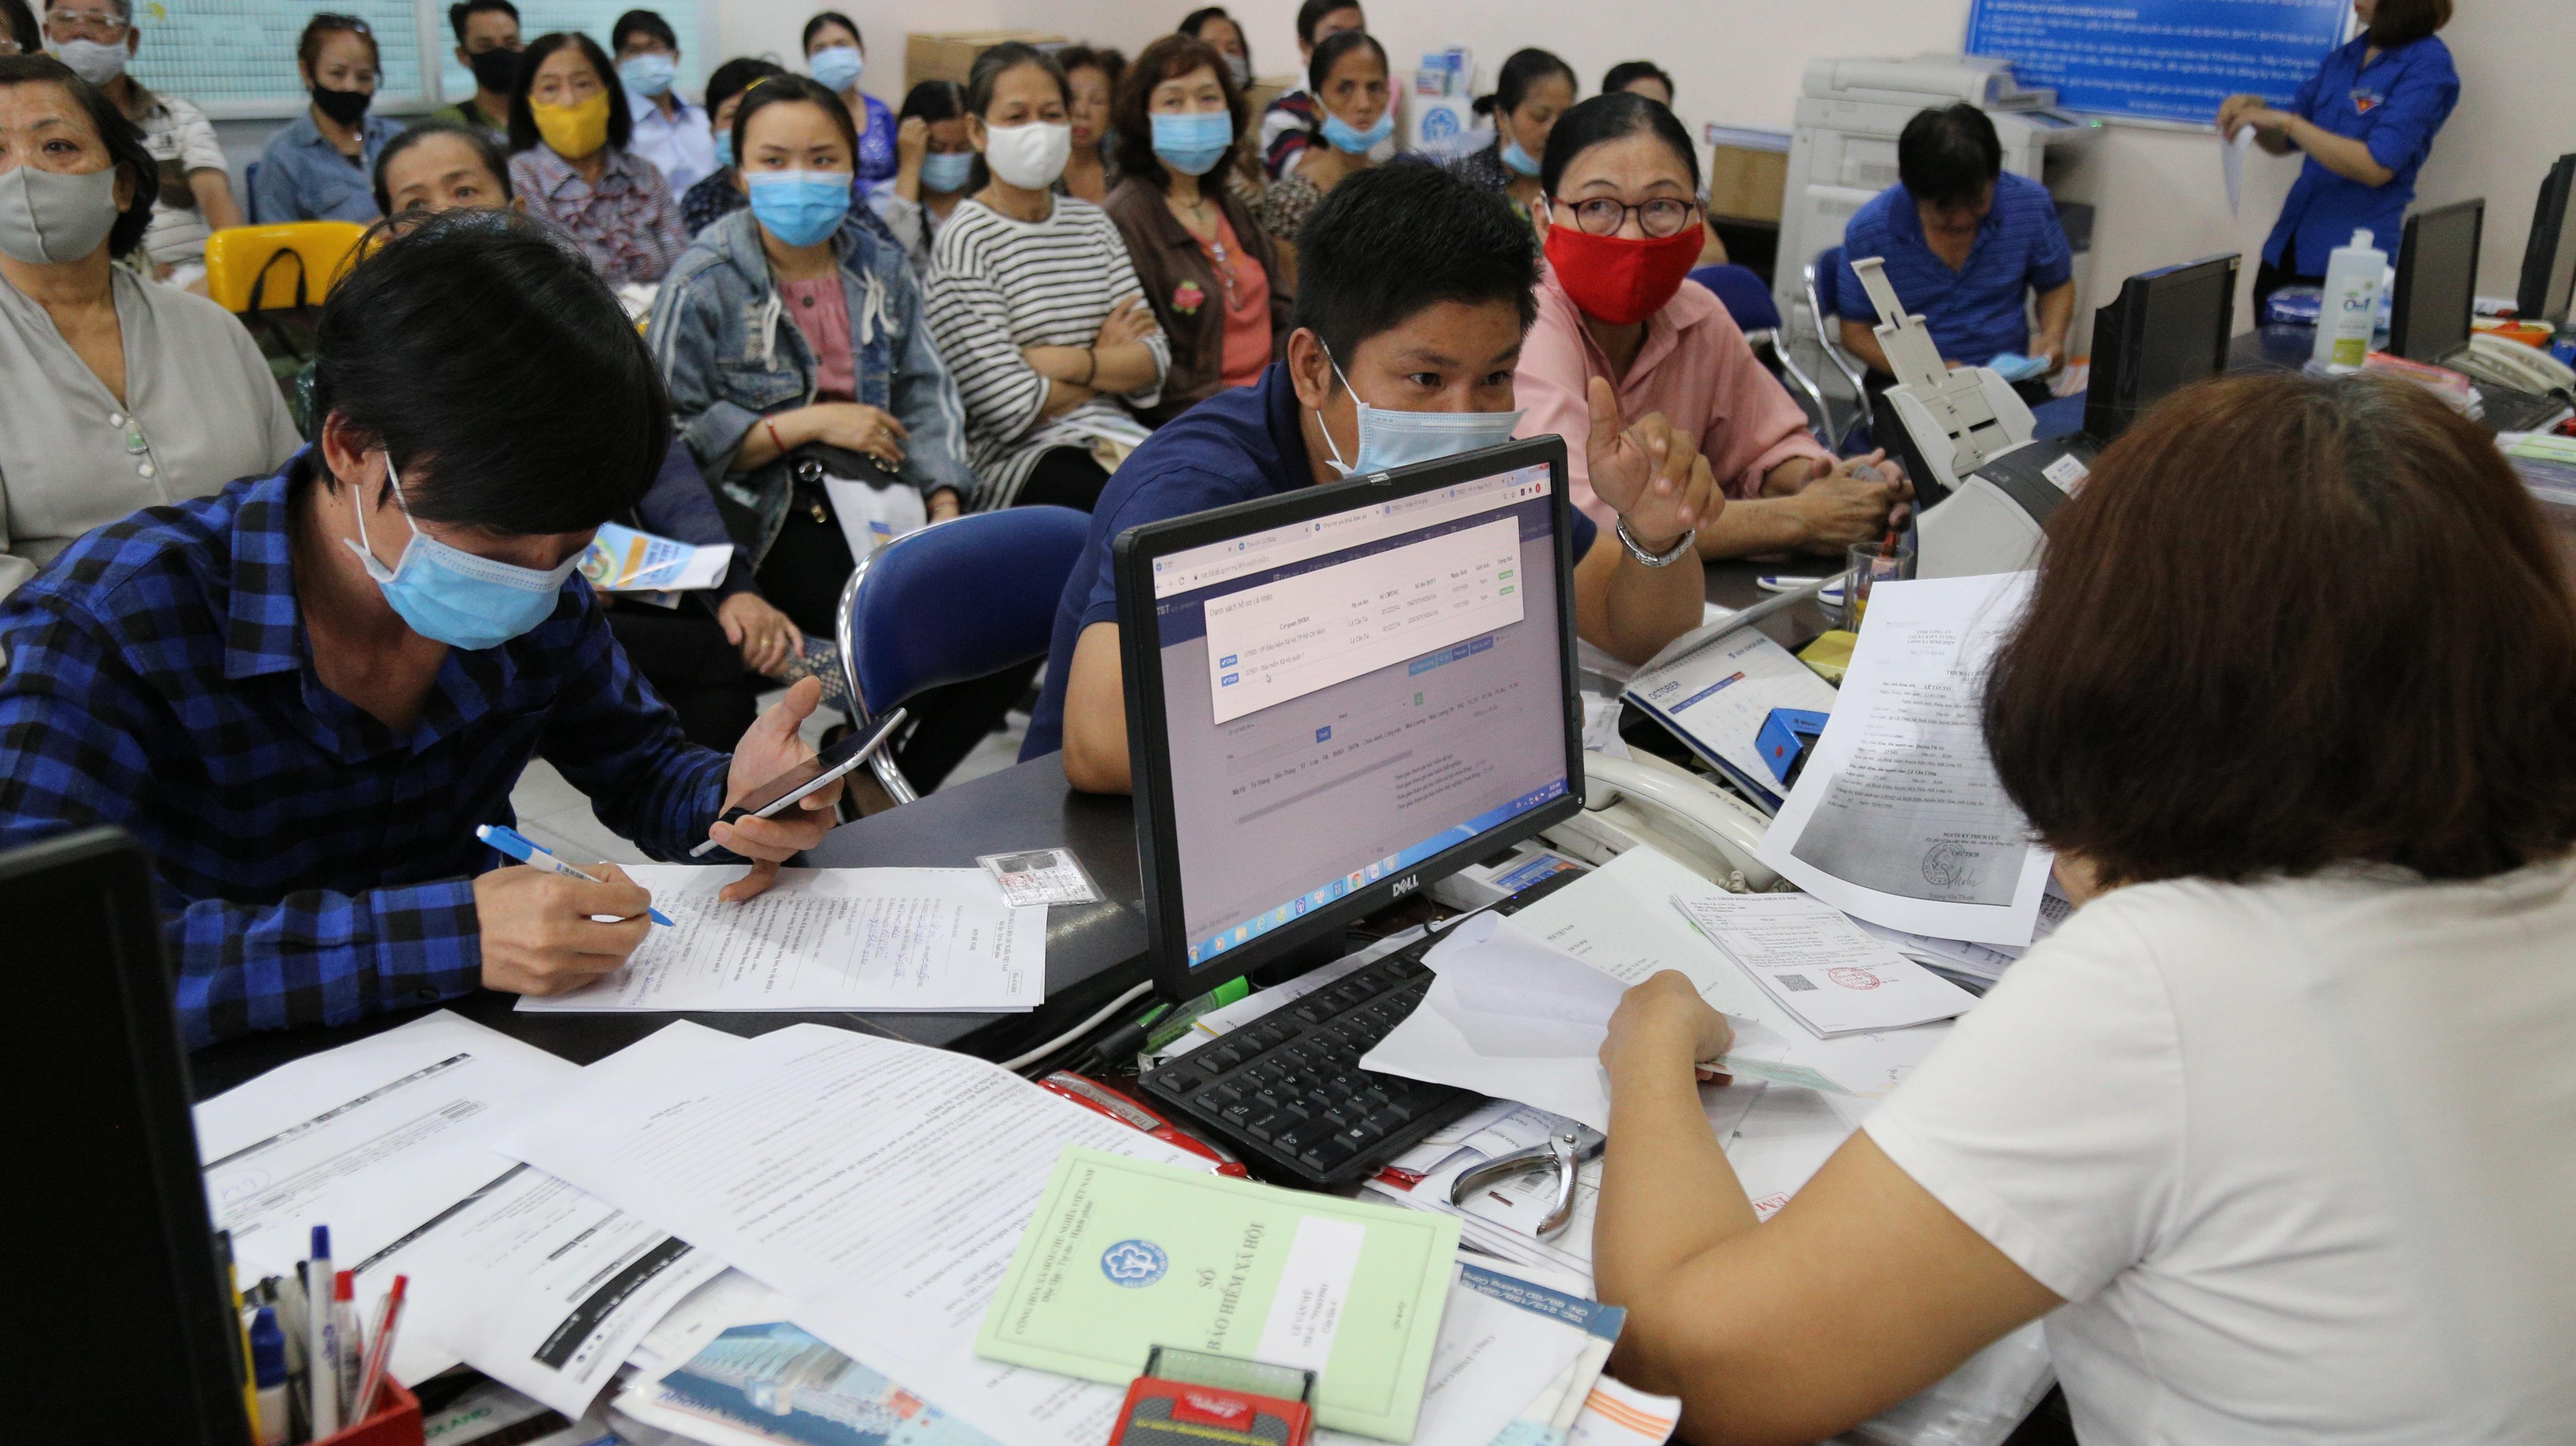 Hôm nay (1/1): Áp dụng các chính sách mới tới hàng chục triệu lao động - 6